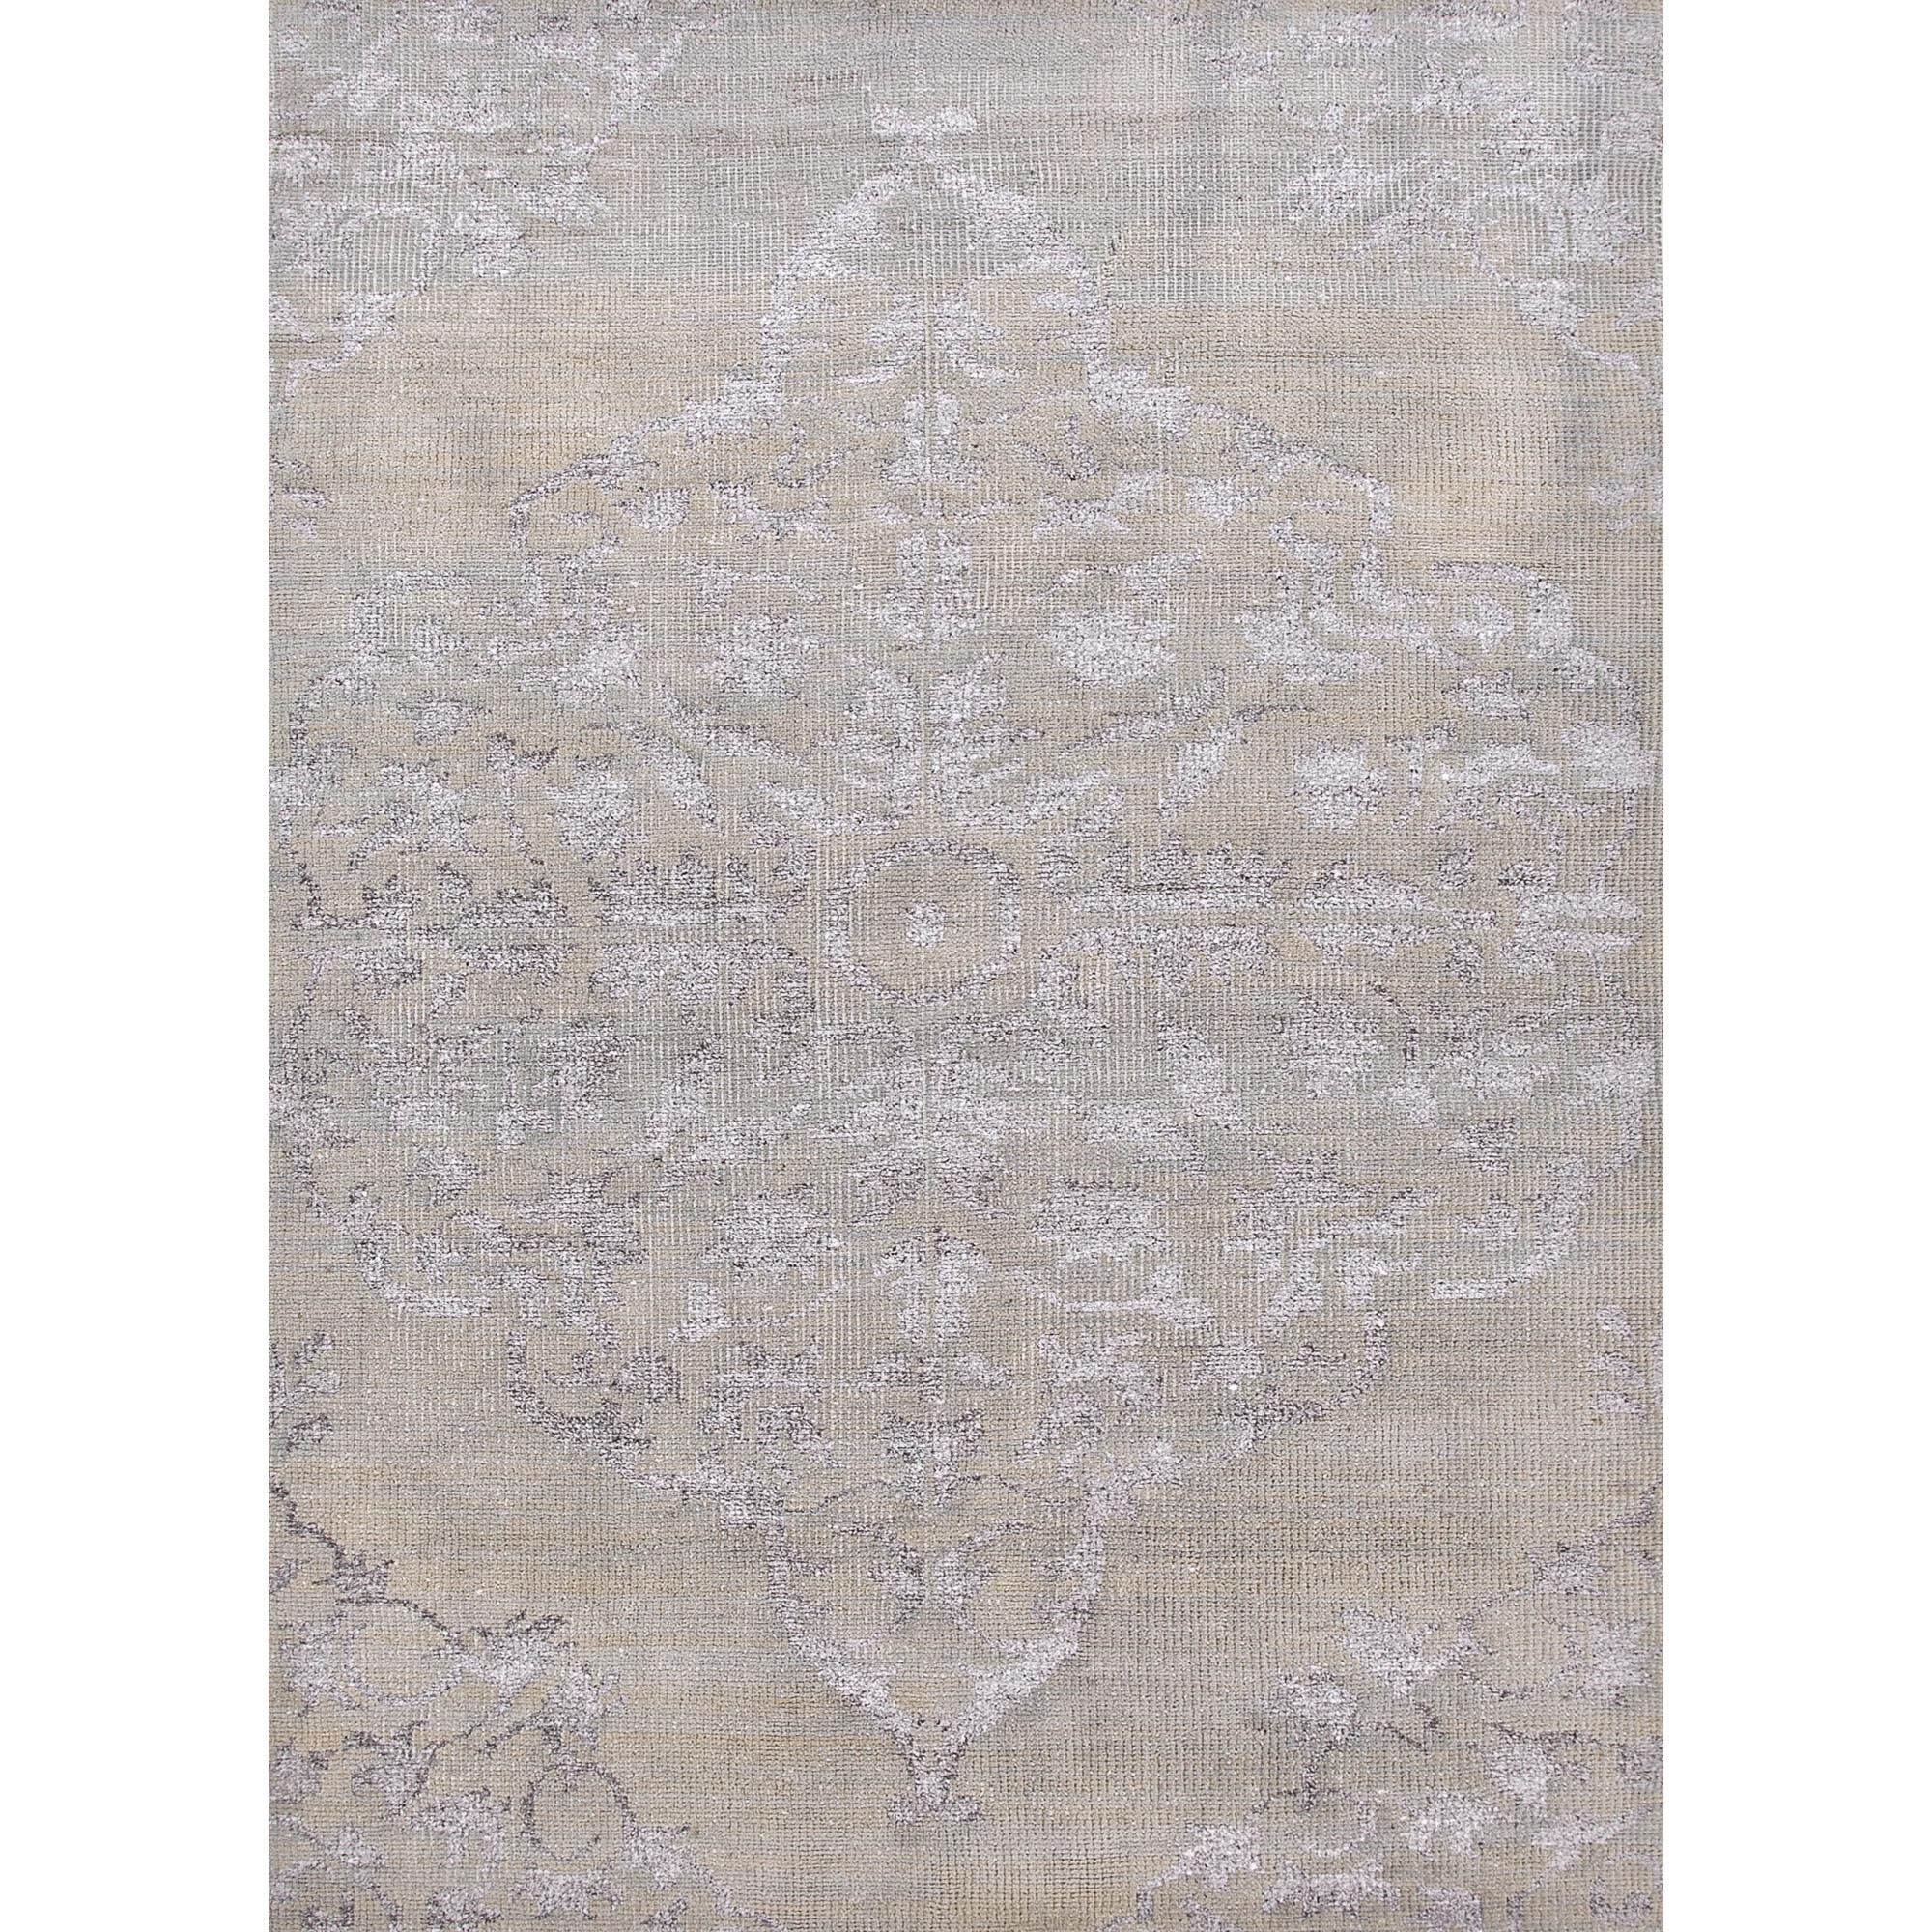 JAIPUR Rugs Heritage 9 x 13 Rug - Item Number: RUG102031